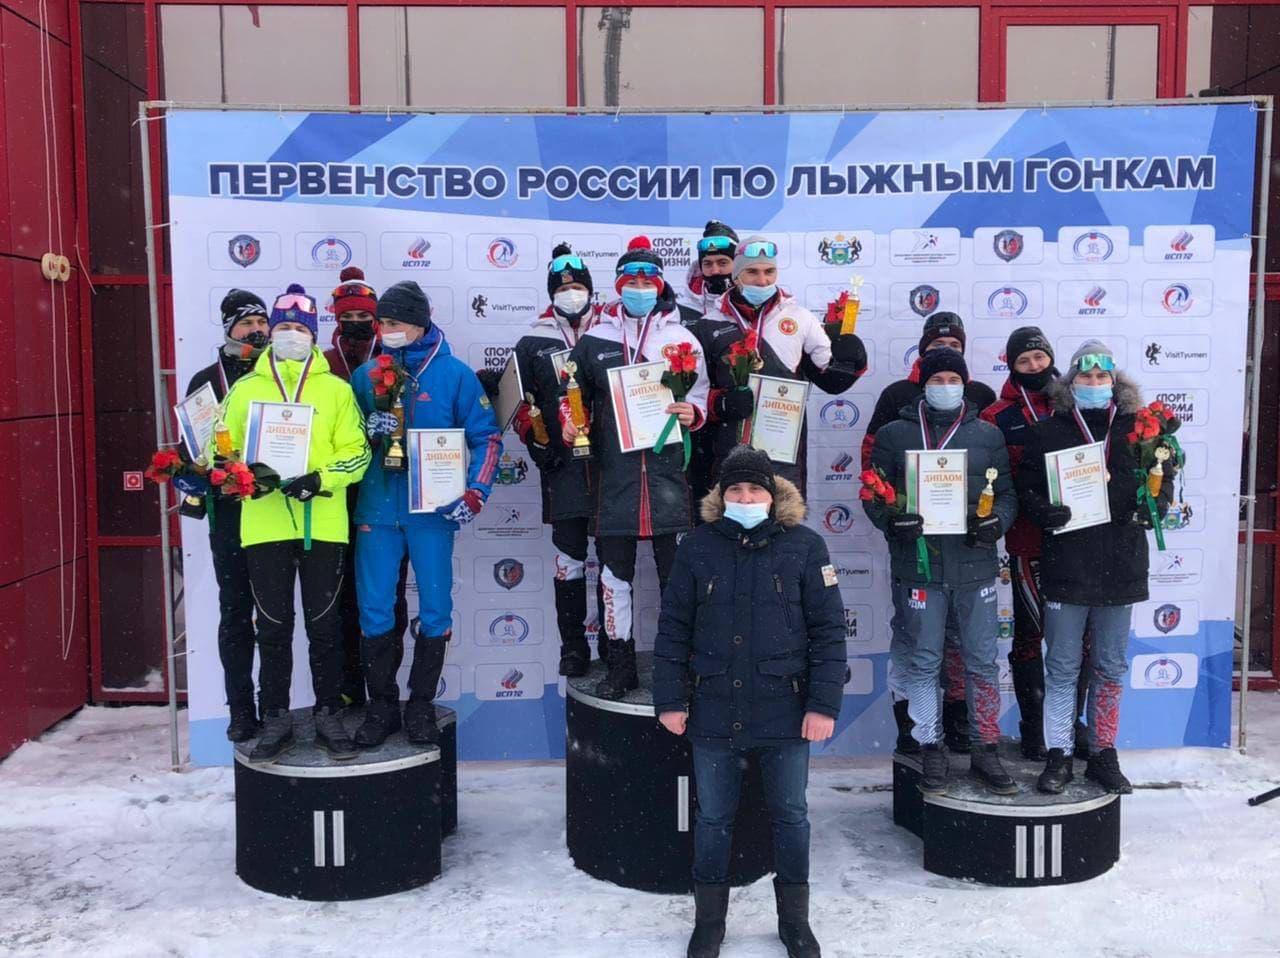 Подмосковные юниоры завоевали золотые и серебряные медали на первенстве России по лыжным гонкам